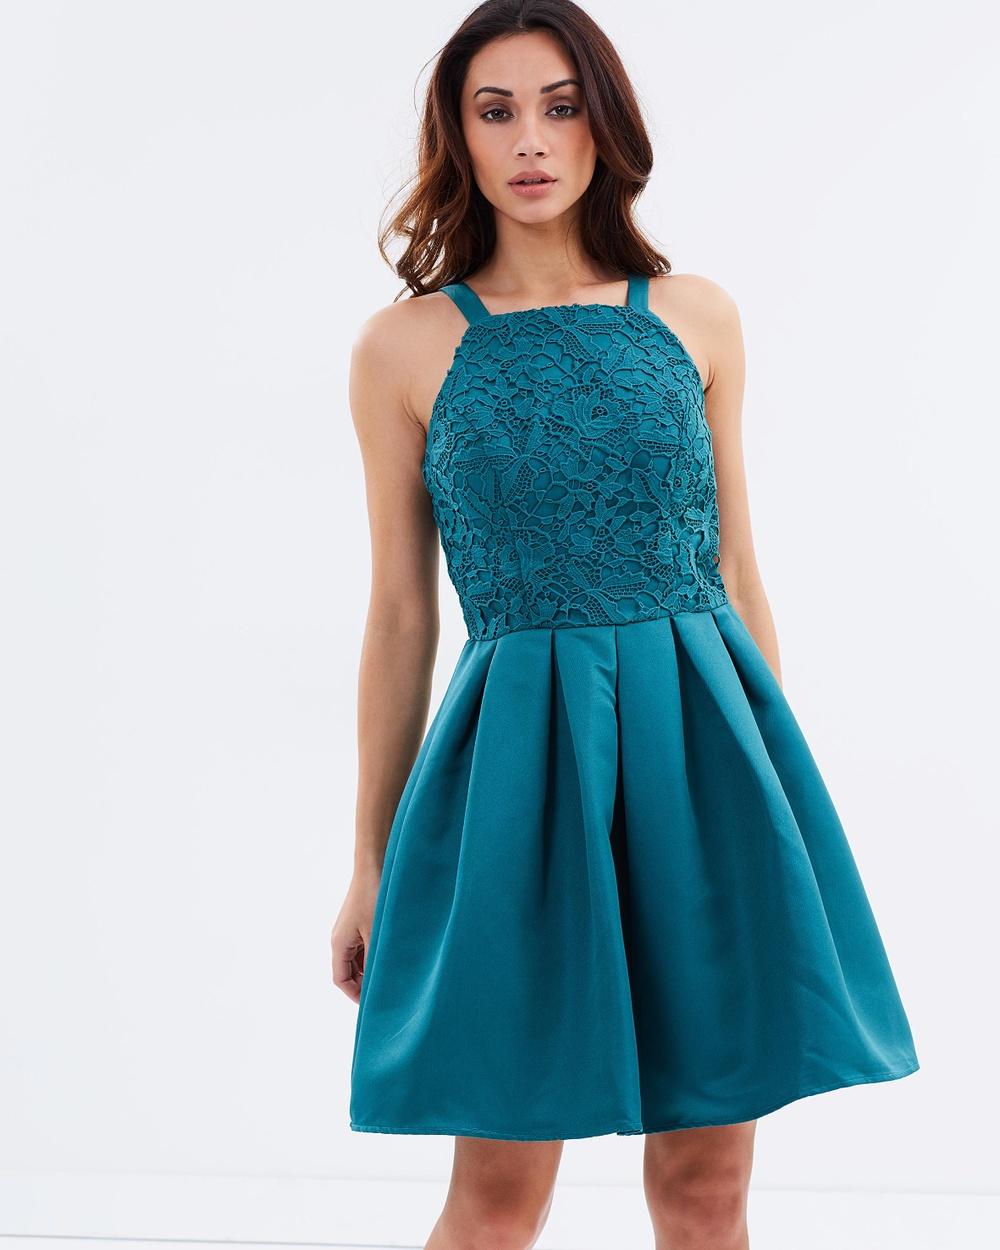 Chi Chi London Vaughan Dress Dresses Teal Vaughan Dress